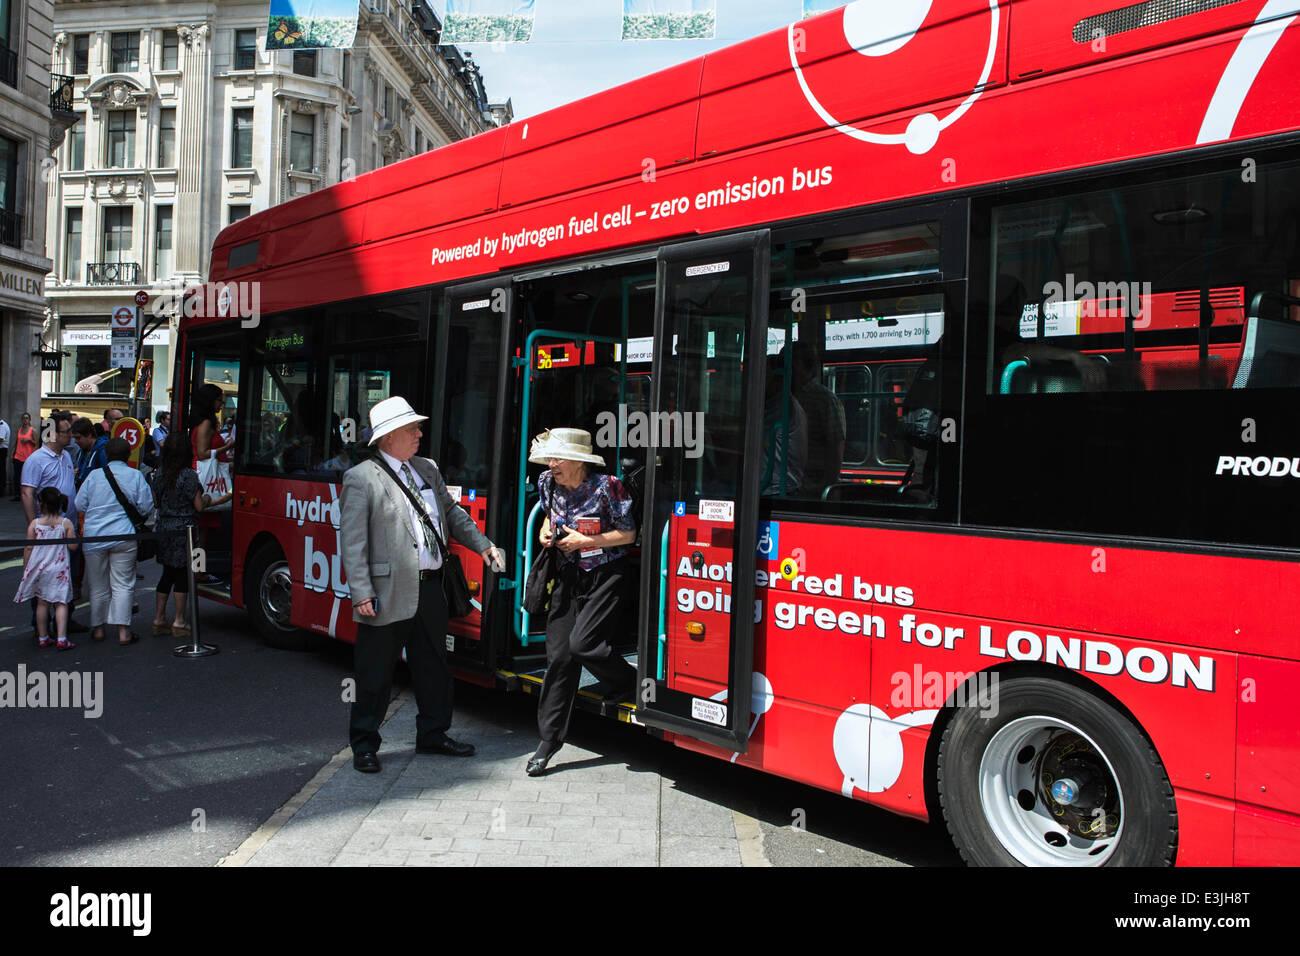 Regent Street, Londres, Reino Unido, 22 de junio de 2014. 2014 es el Año del Bus: Para celebrar este, Regent Imagen De Stock